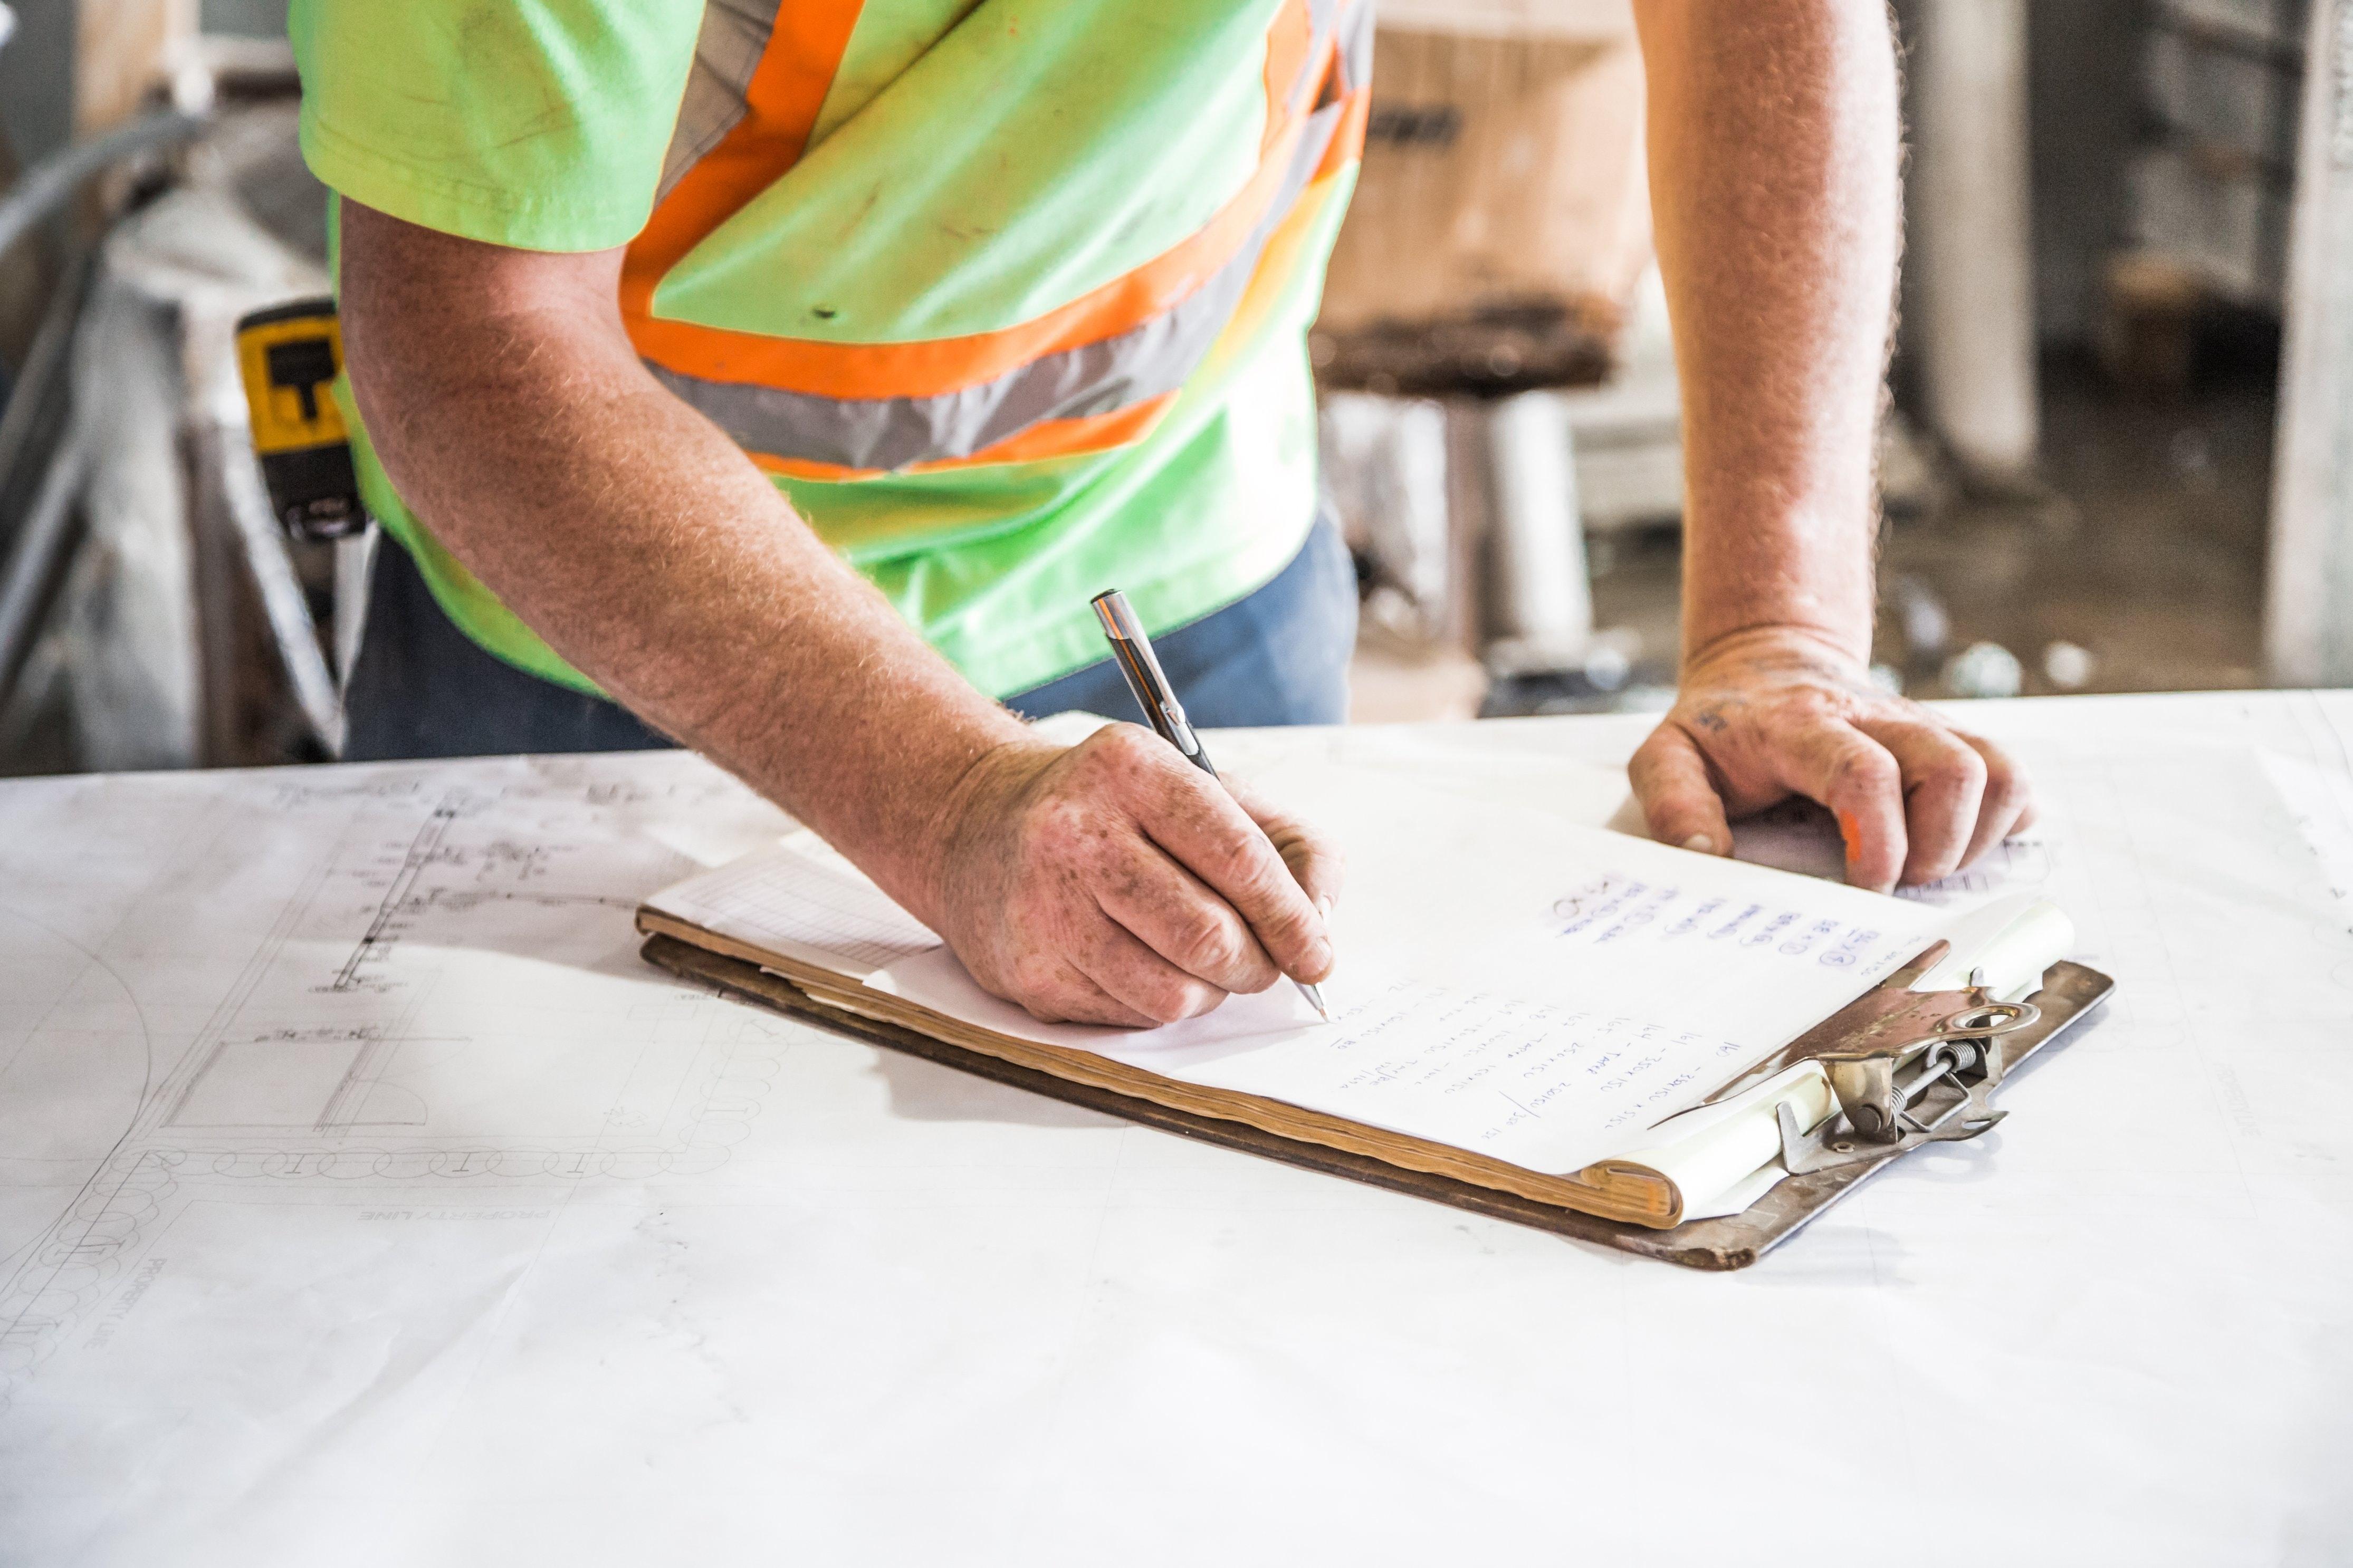 Subida dos custos na construção põe em risco execução do PRR